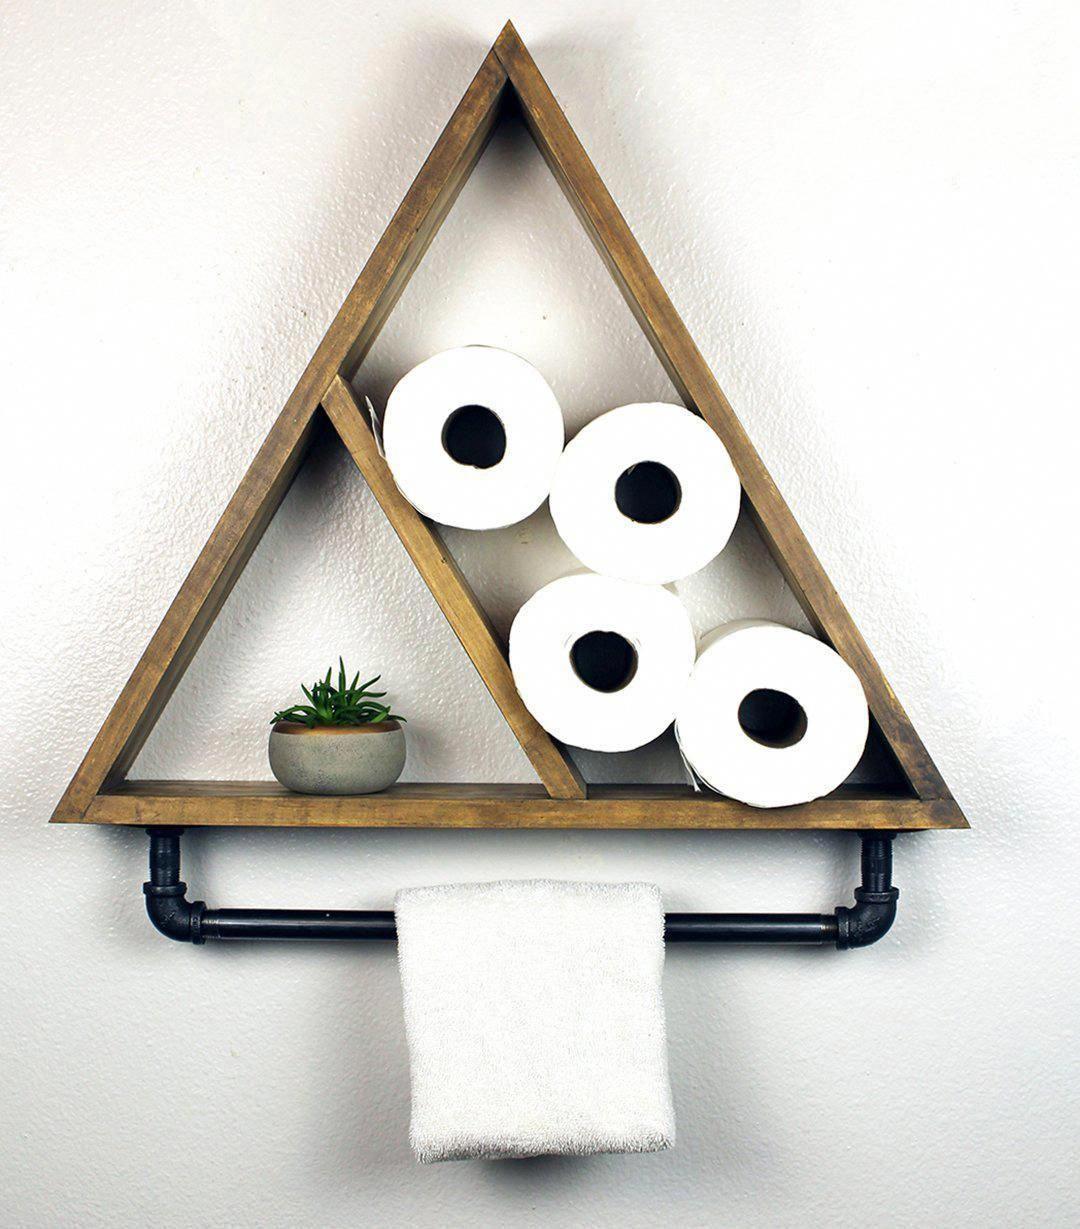 Bathroom Triangle Shelf with Industrial Towel Bar